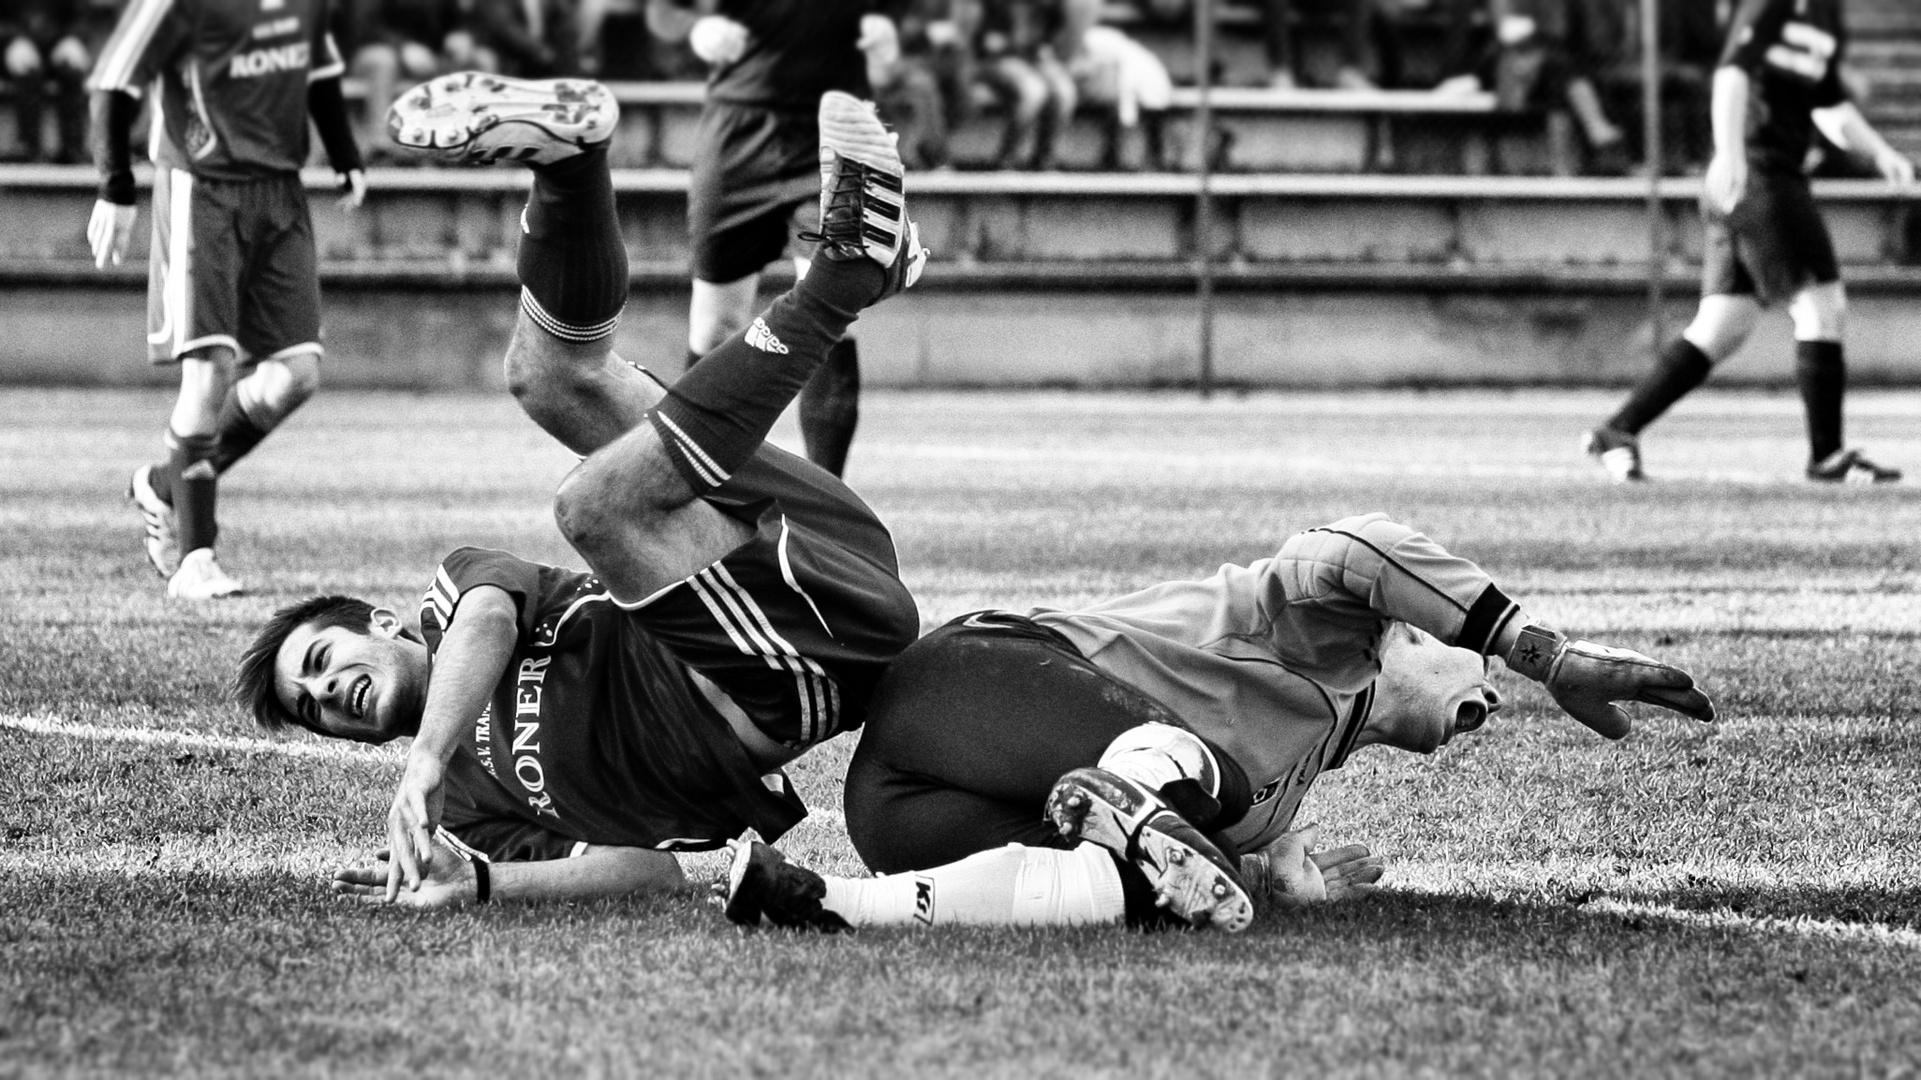 Oberliga Tramin vs St. Martin in Passeier (Südtirol)